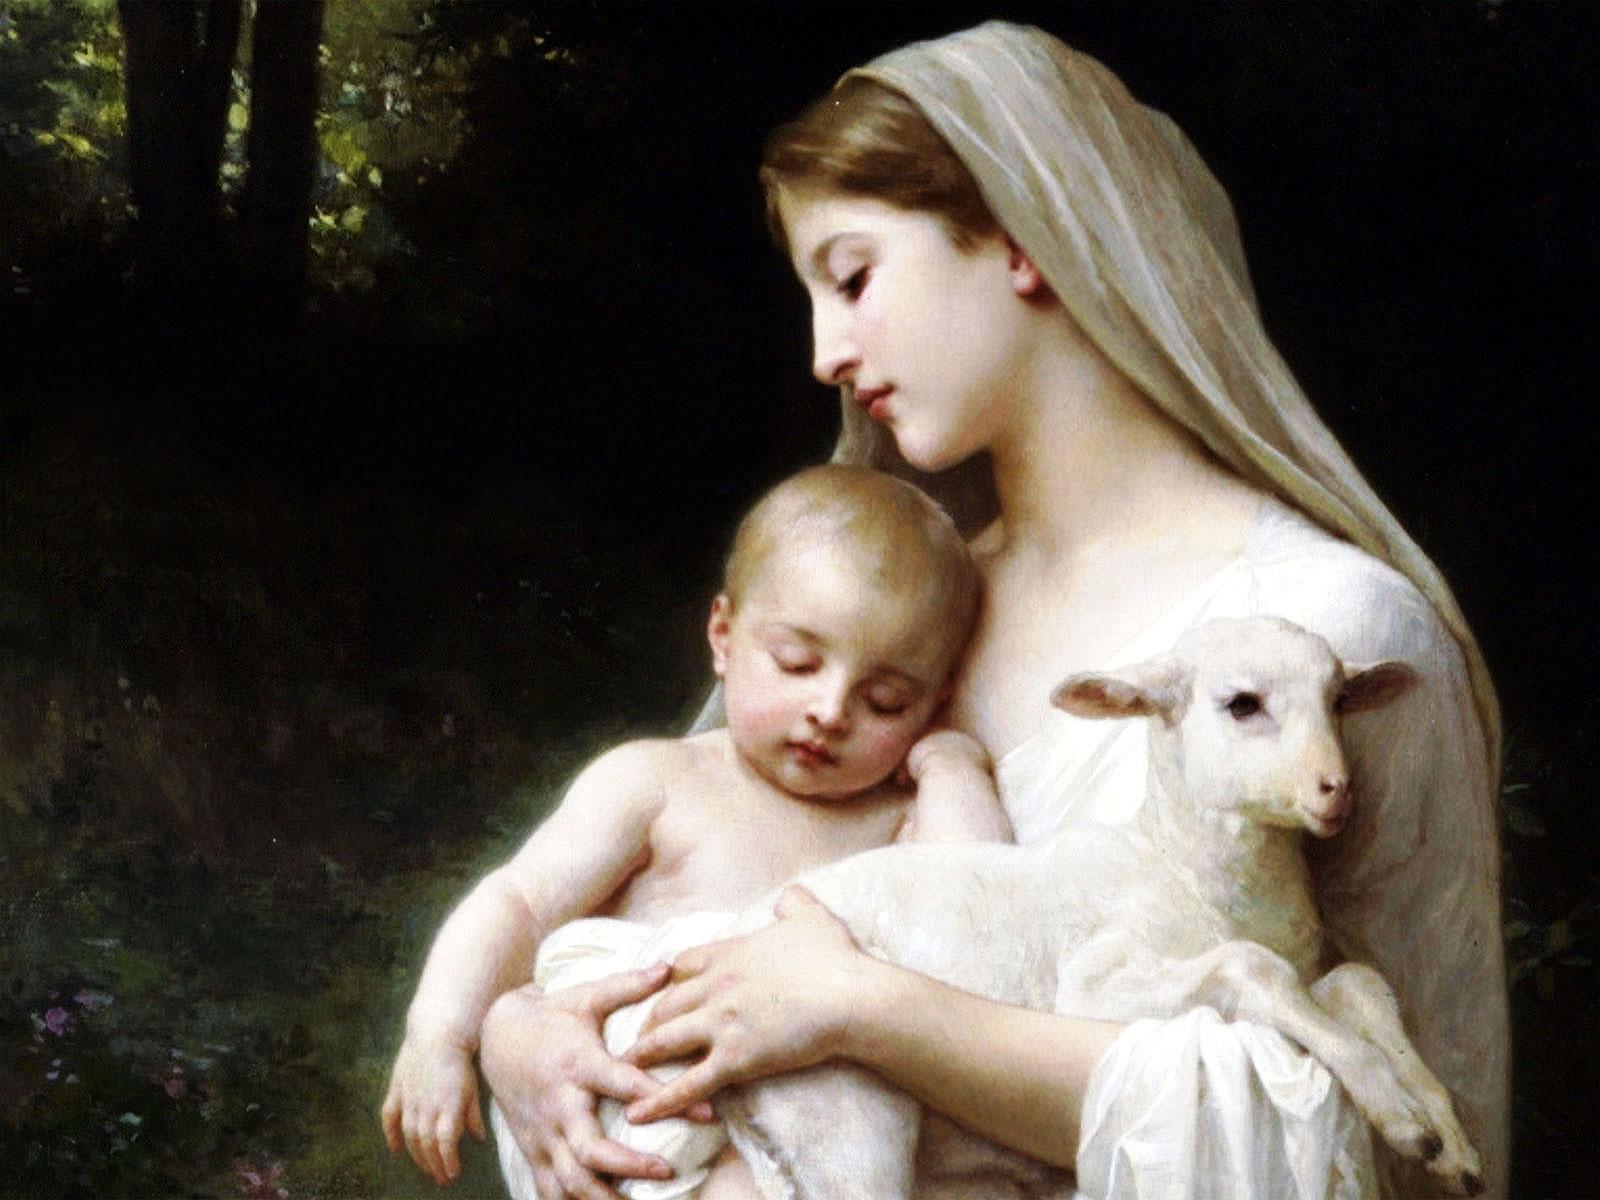 mentiras-em-sites-protestantes-maria-tertuliano-afirmou-que-teve-outros-filhos